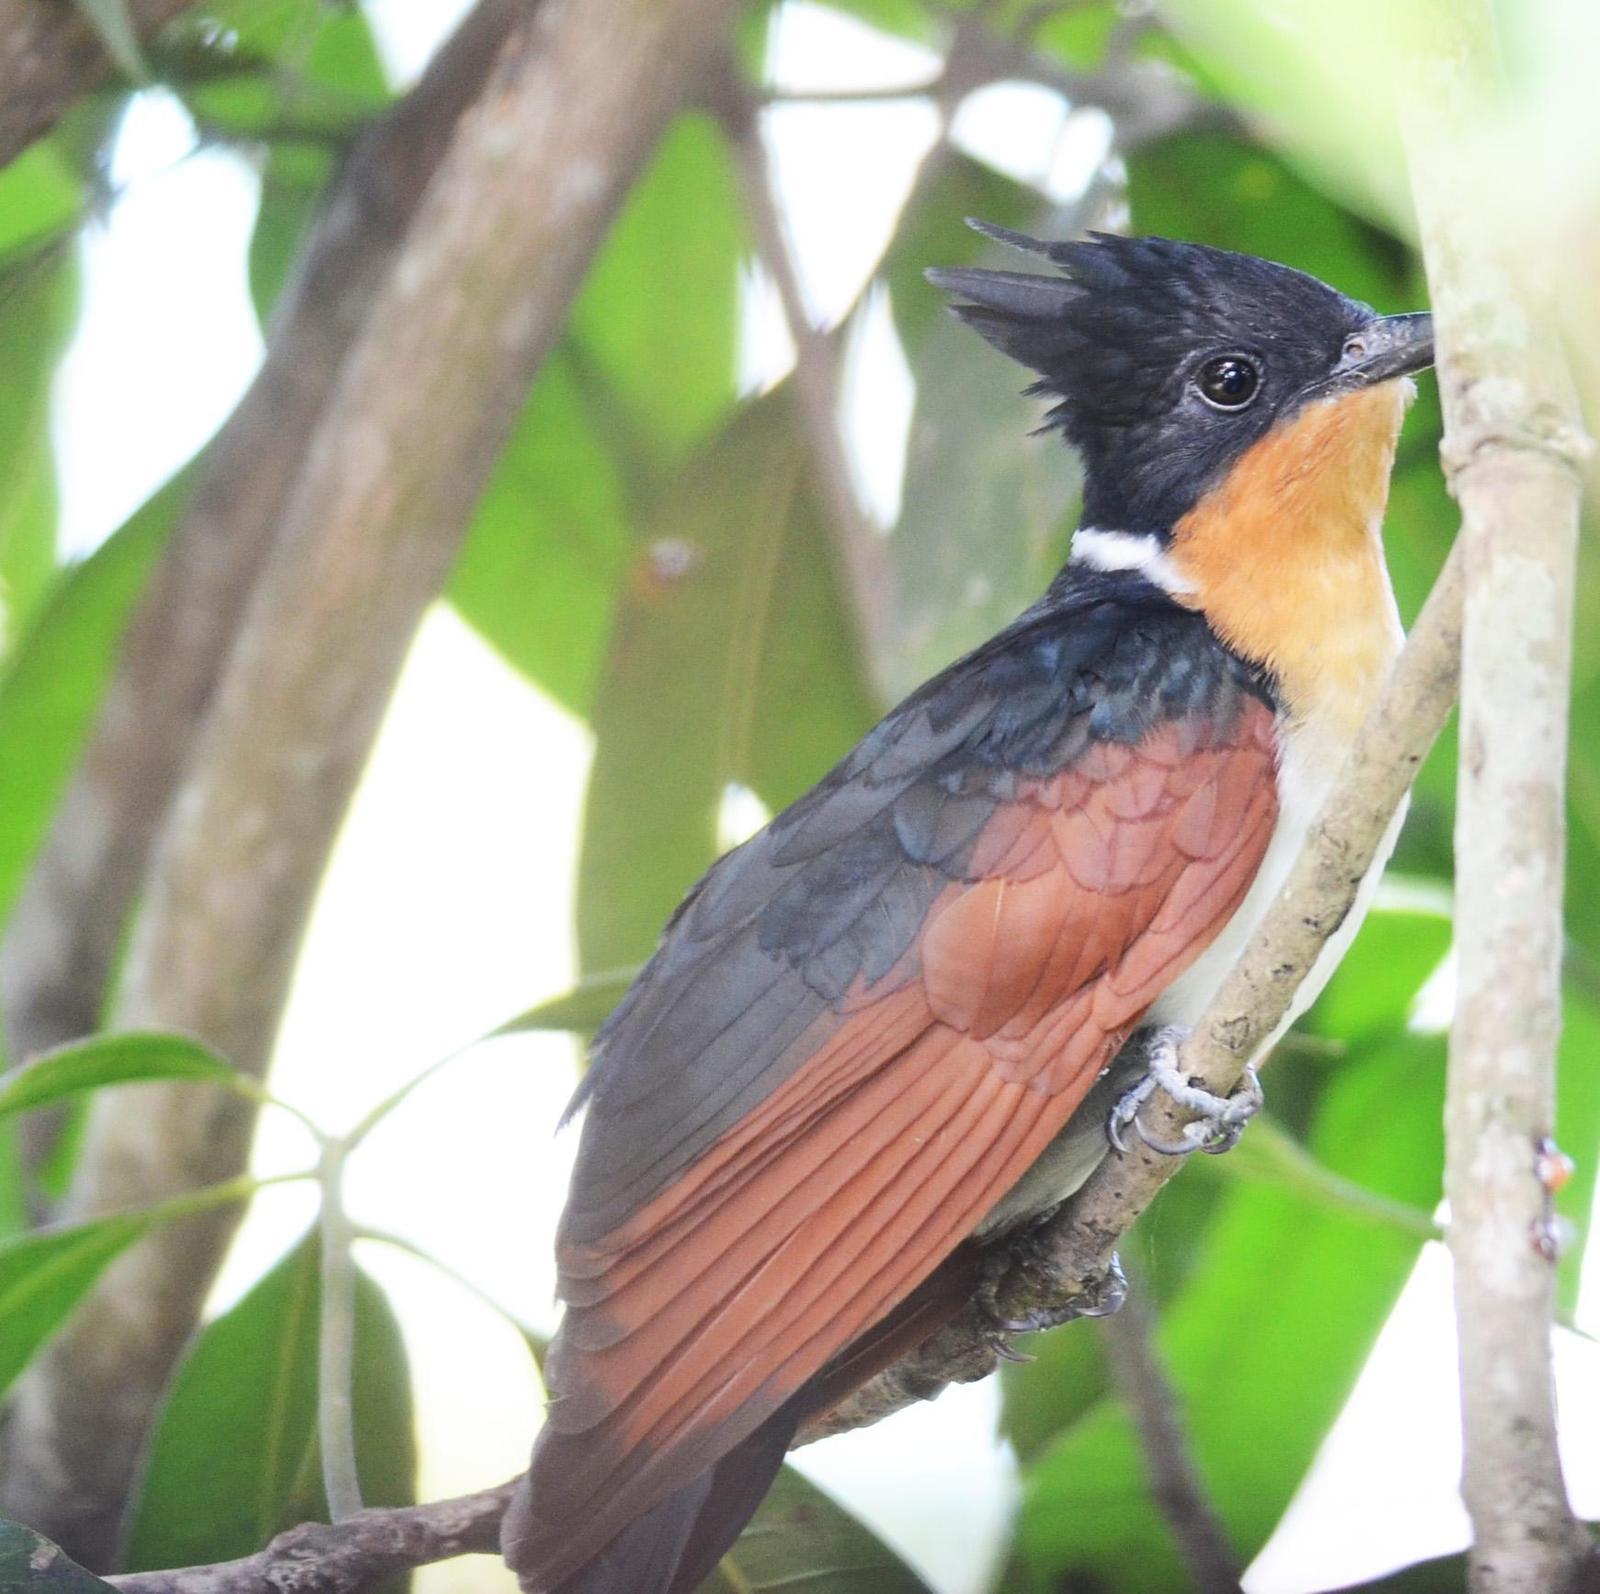 Chestnut-winged Cuckoo Photo by Uthai Cheummarung